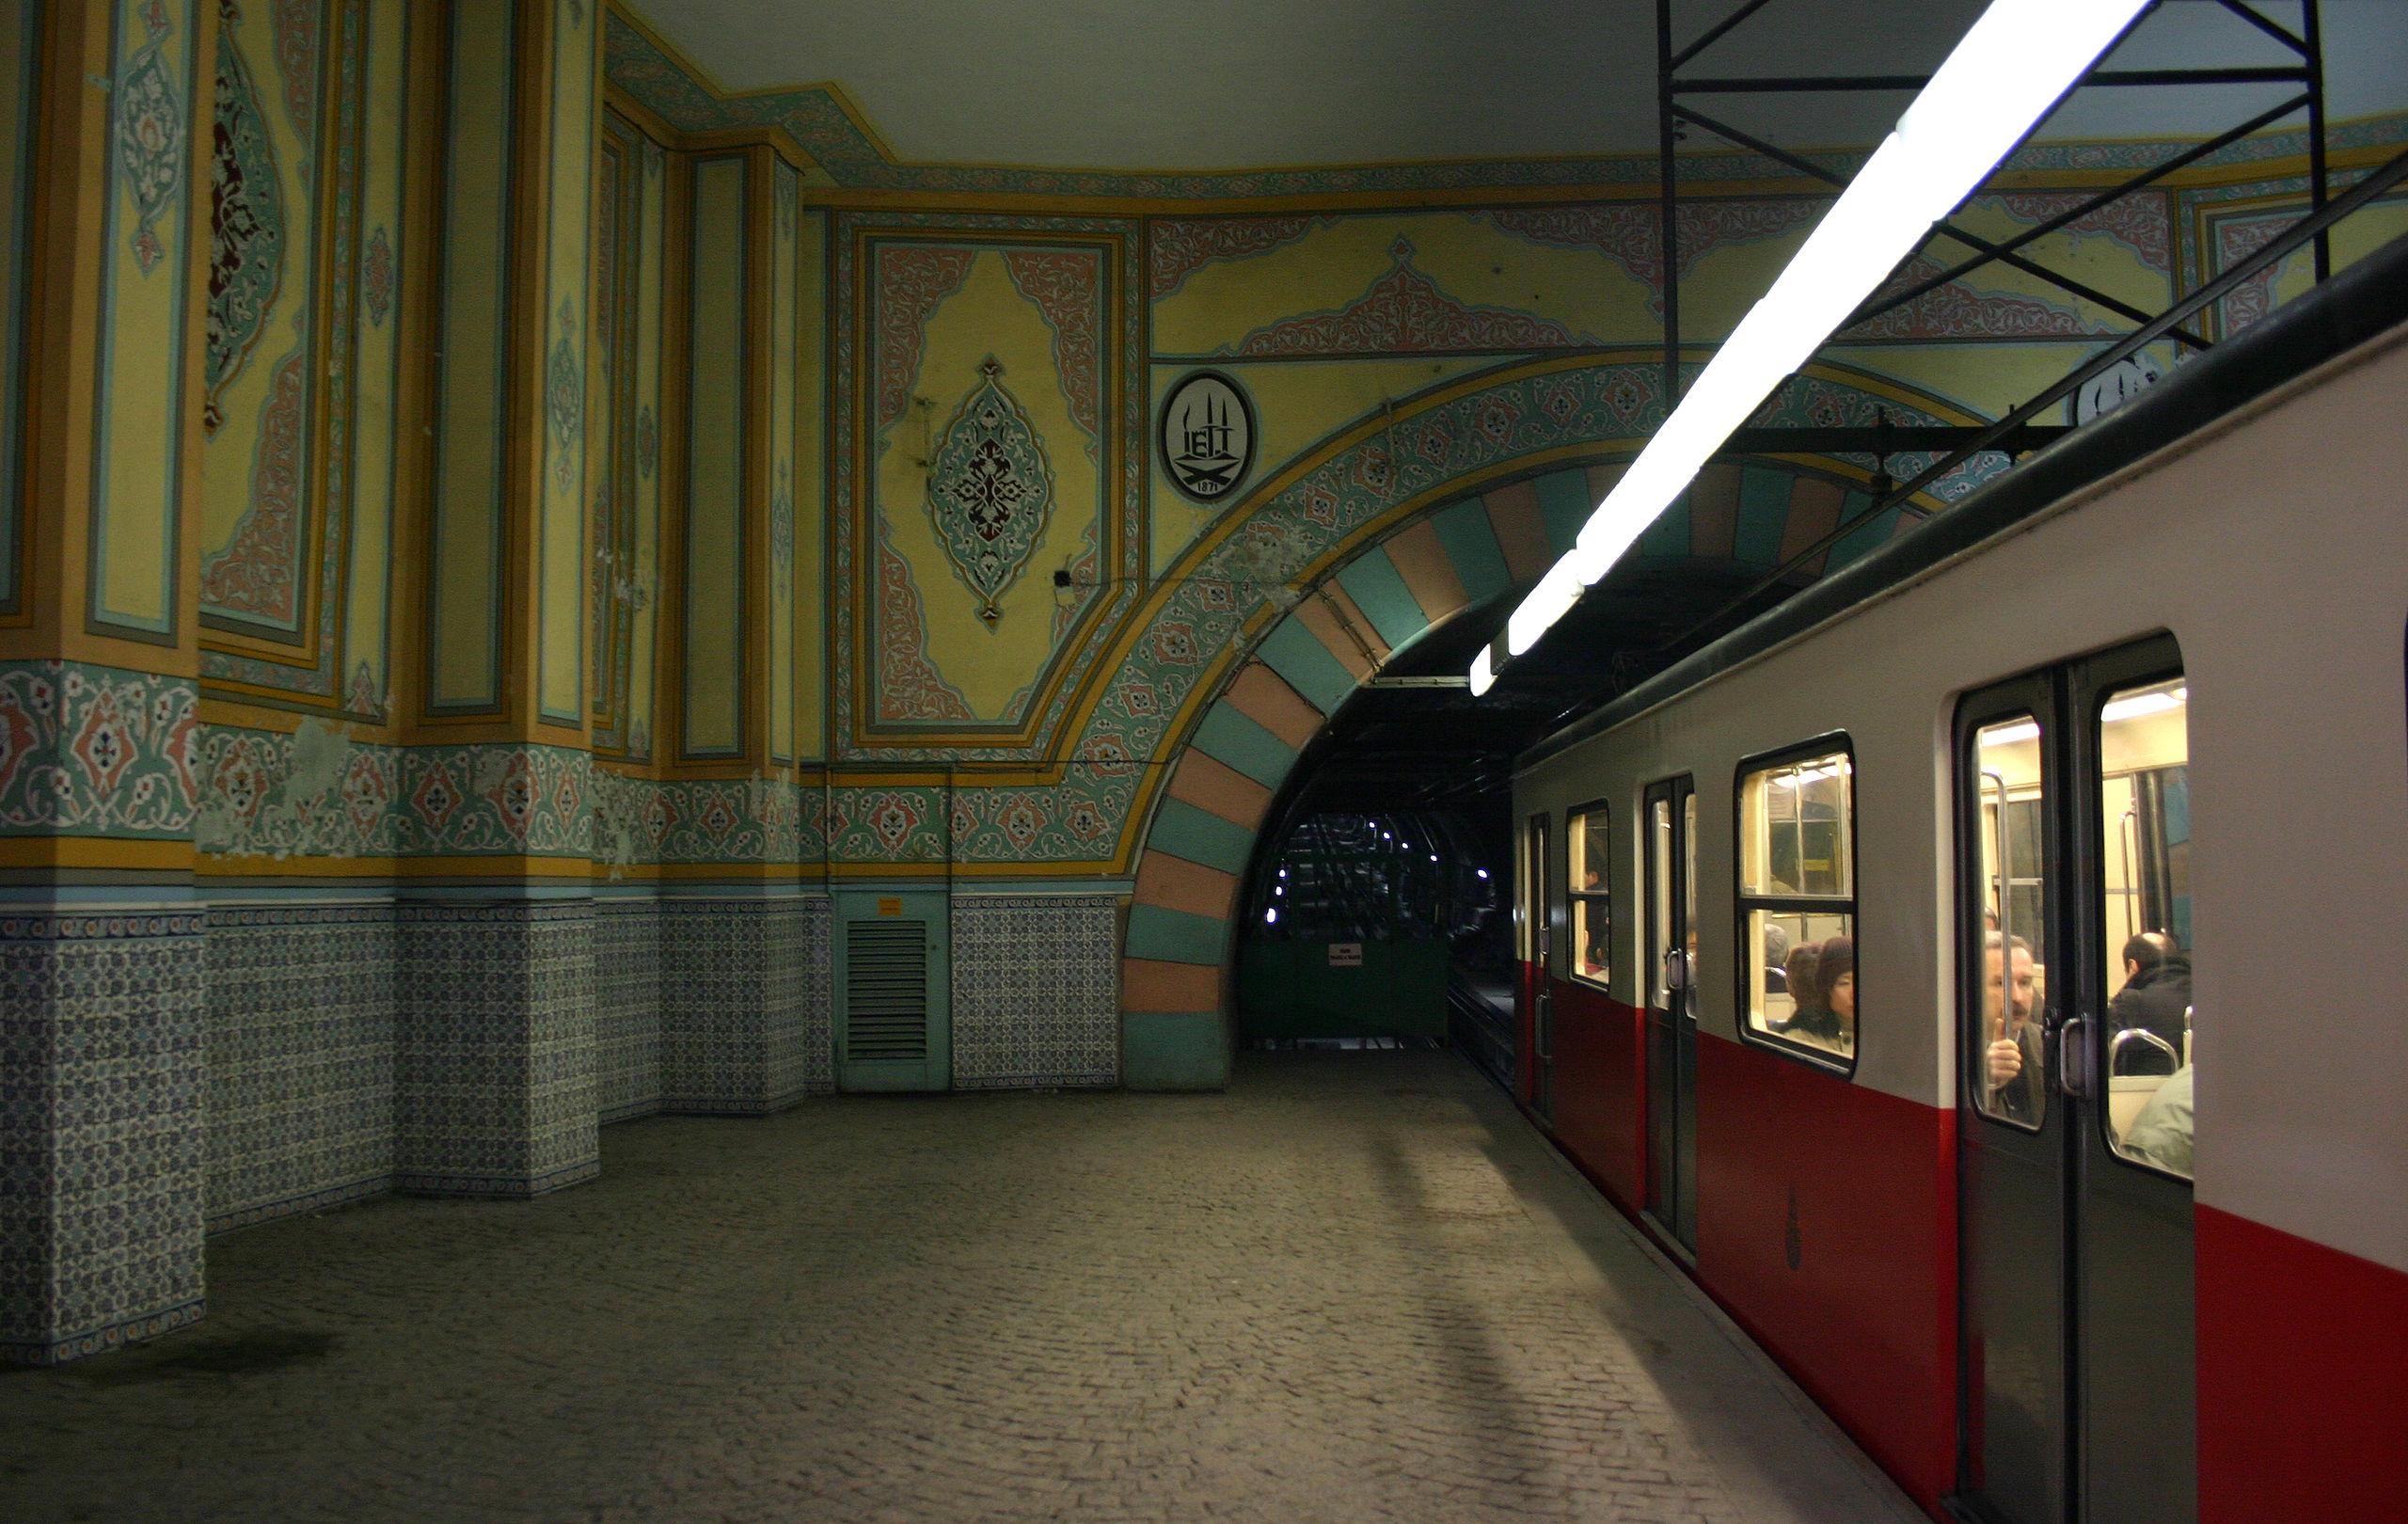 تونل استانبول ، تونل شهری استانبول ، متروی استانبول